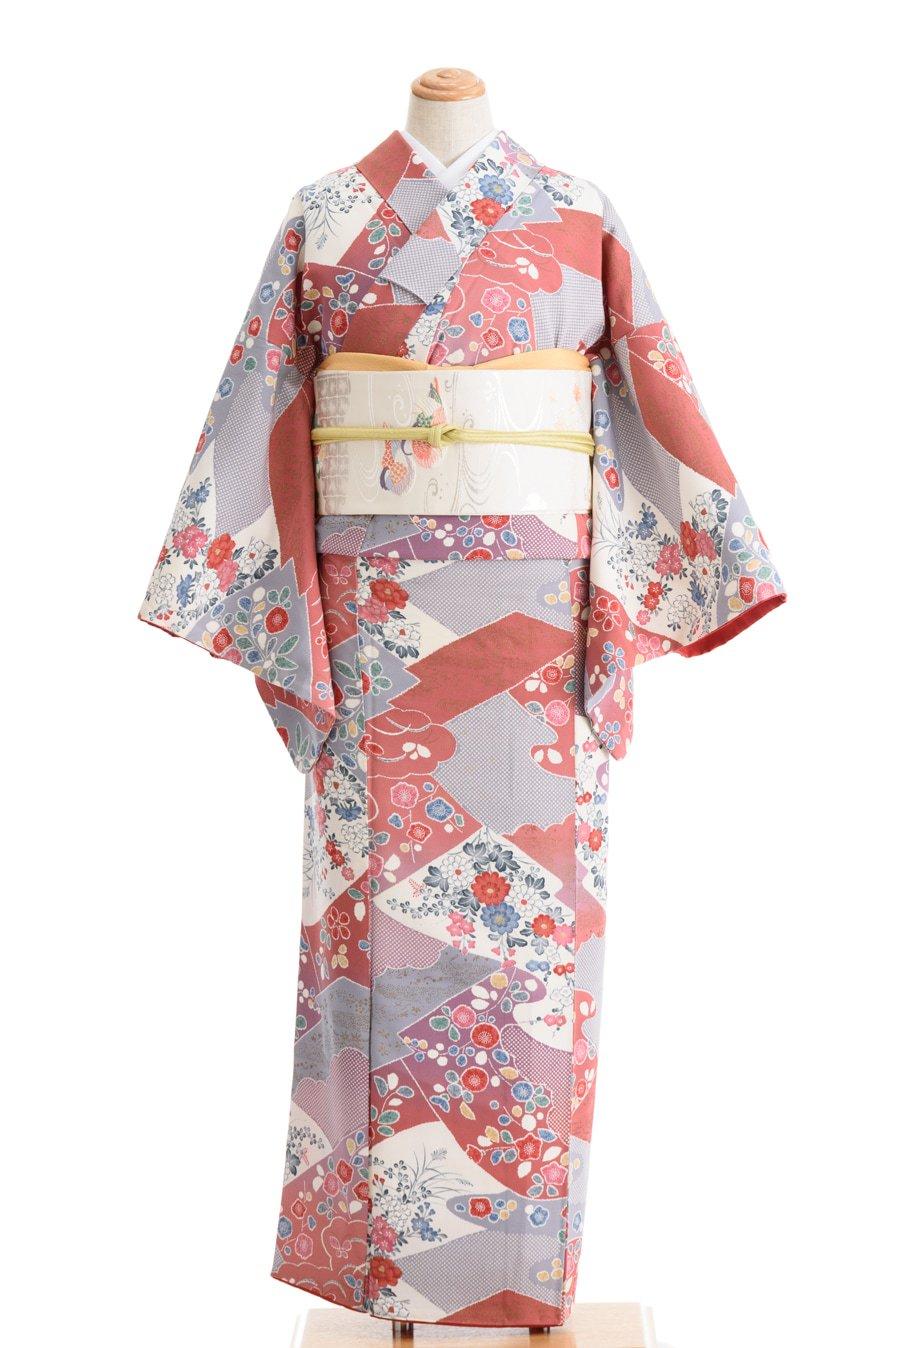 「菊 梅 牡丹 桜など ドットの雲取り」の商品画像